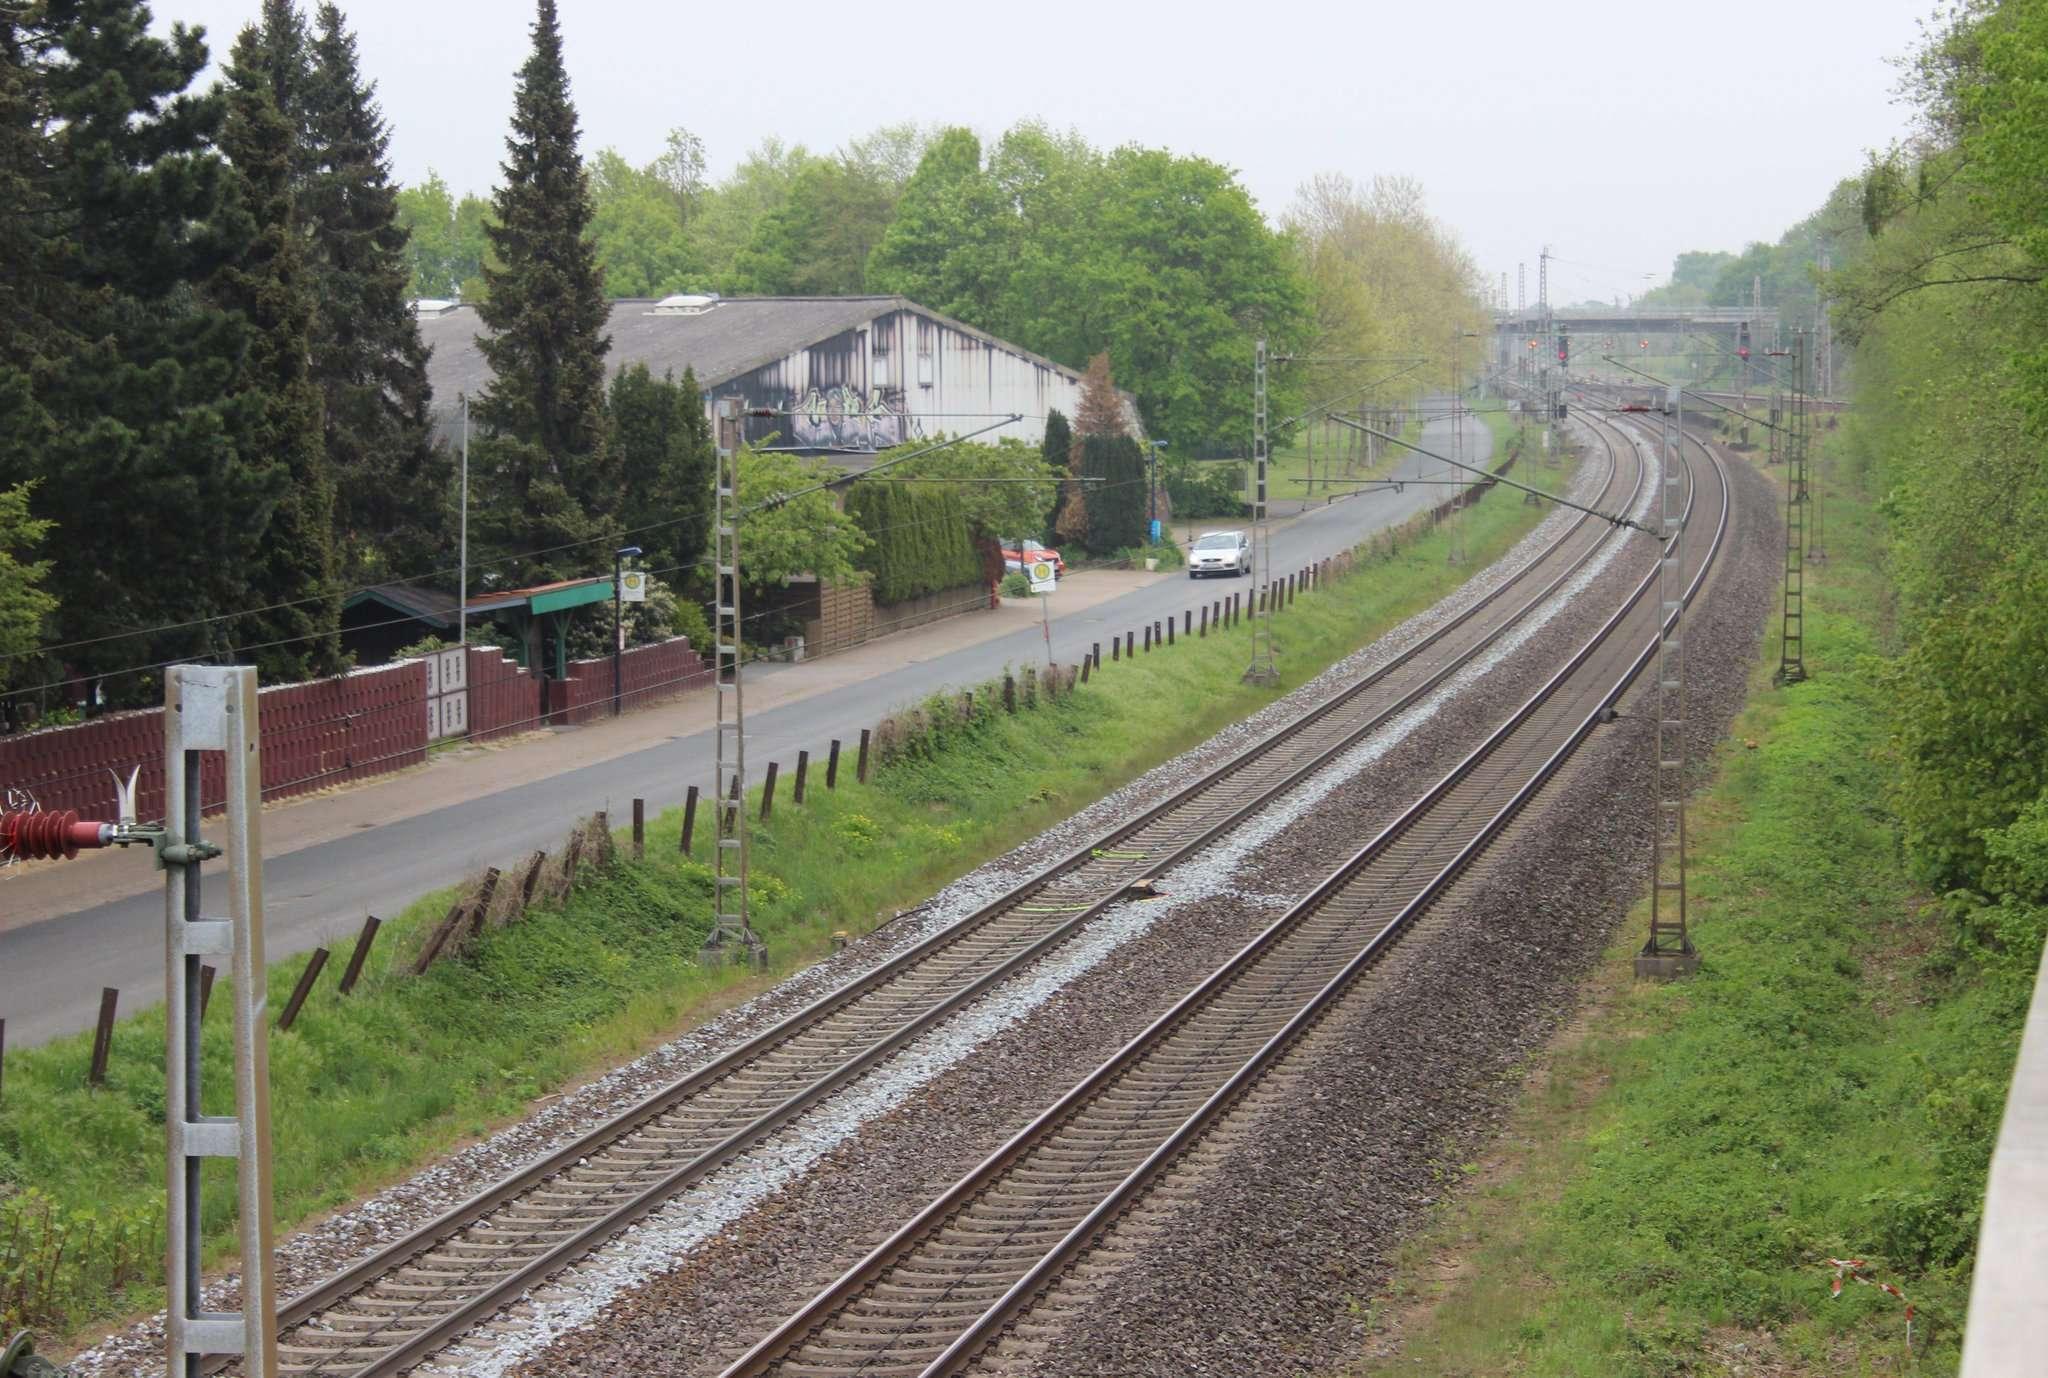 Metallfunde an der Bahnstrecke Bremen-Hamburg haben möglicherweise eine Evakuierung des Ortsteils Sagehorn zur Folge. Foto: Björn Blaak